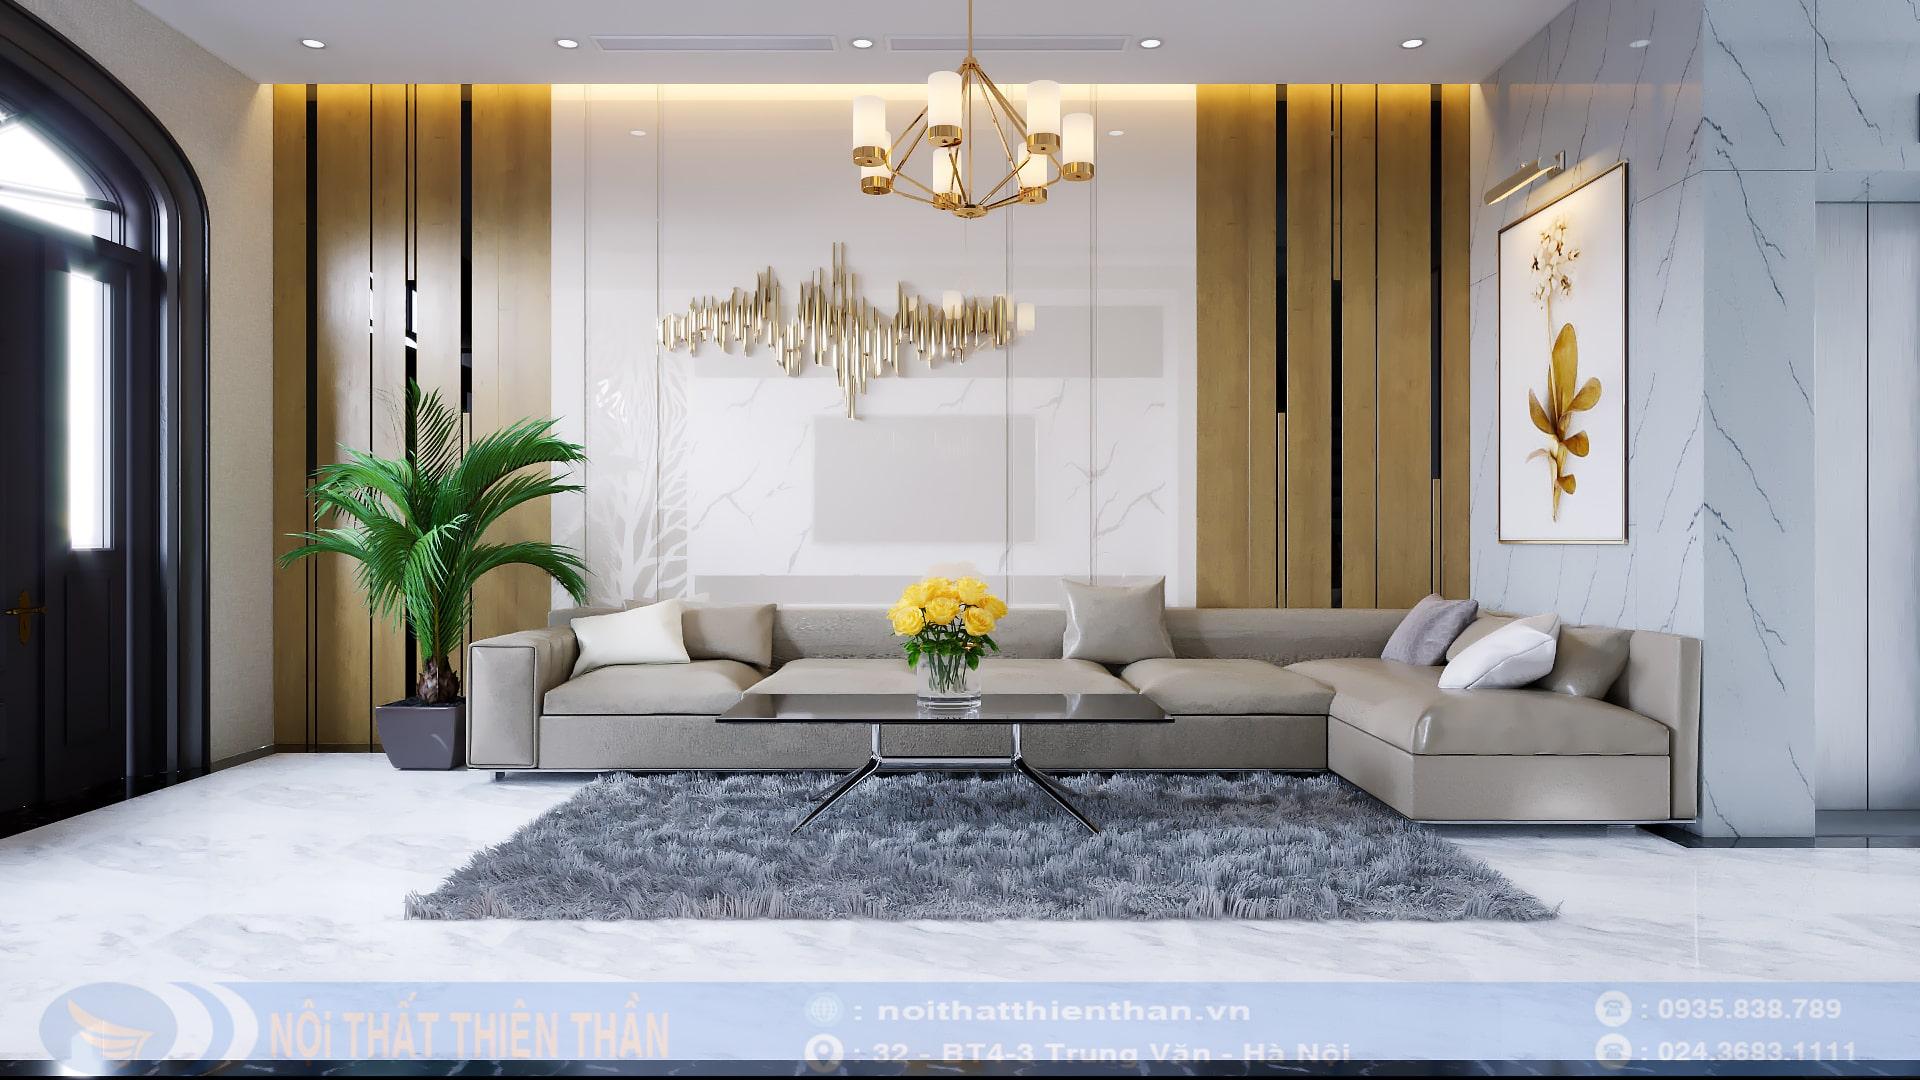 nội thất nhà phố đơn giản